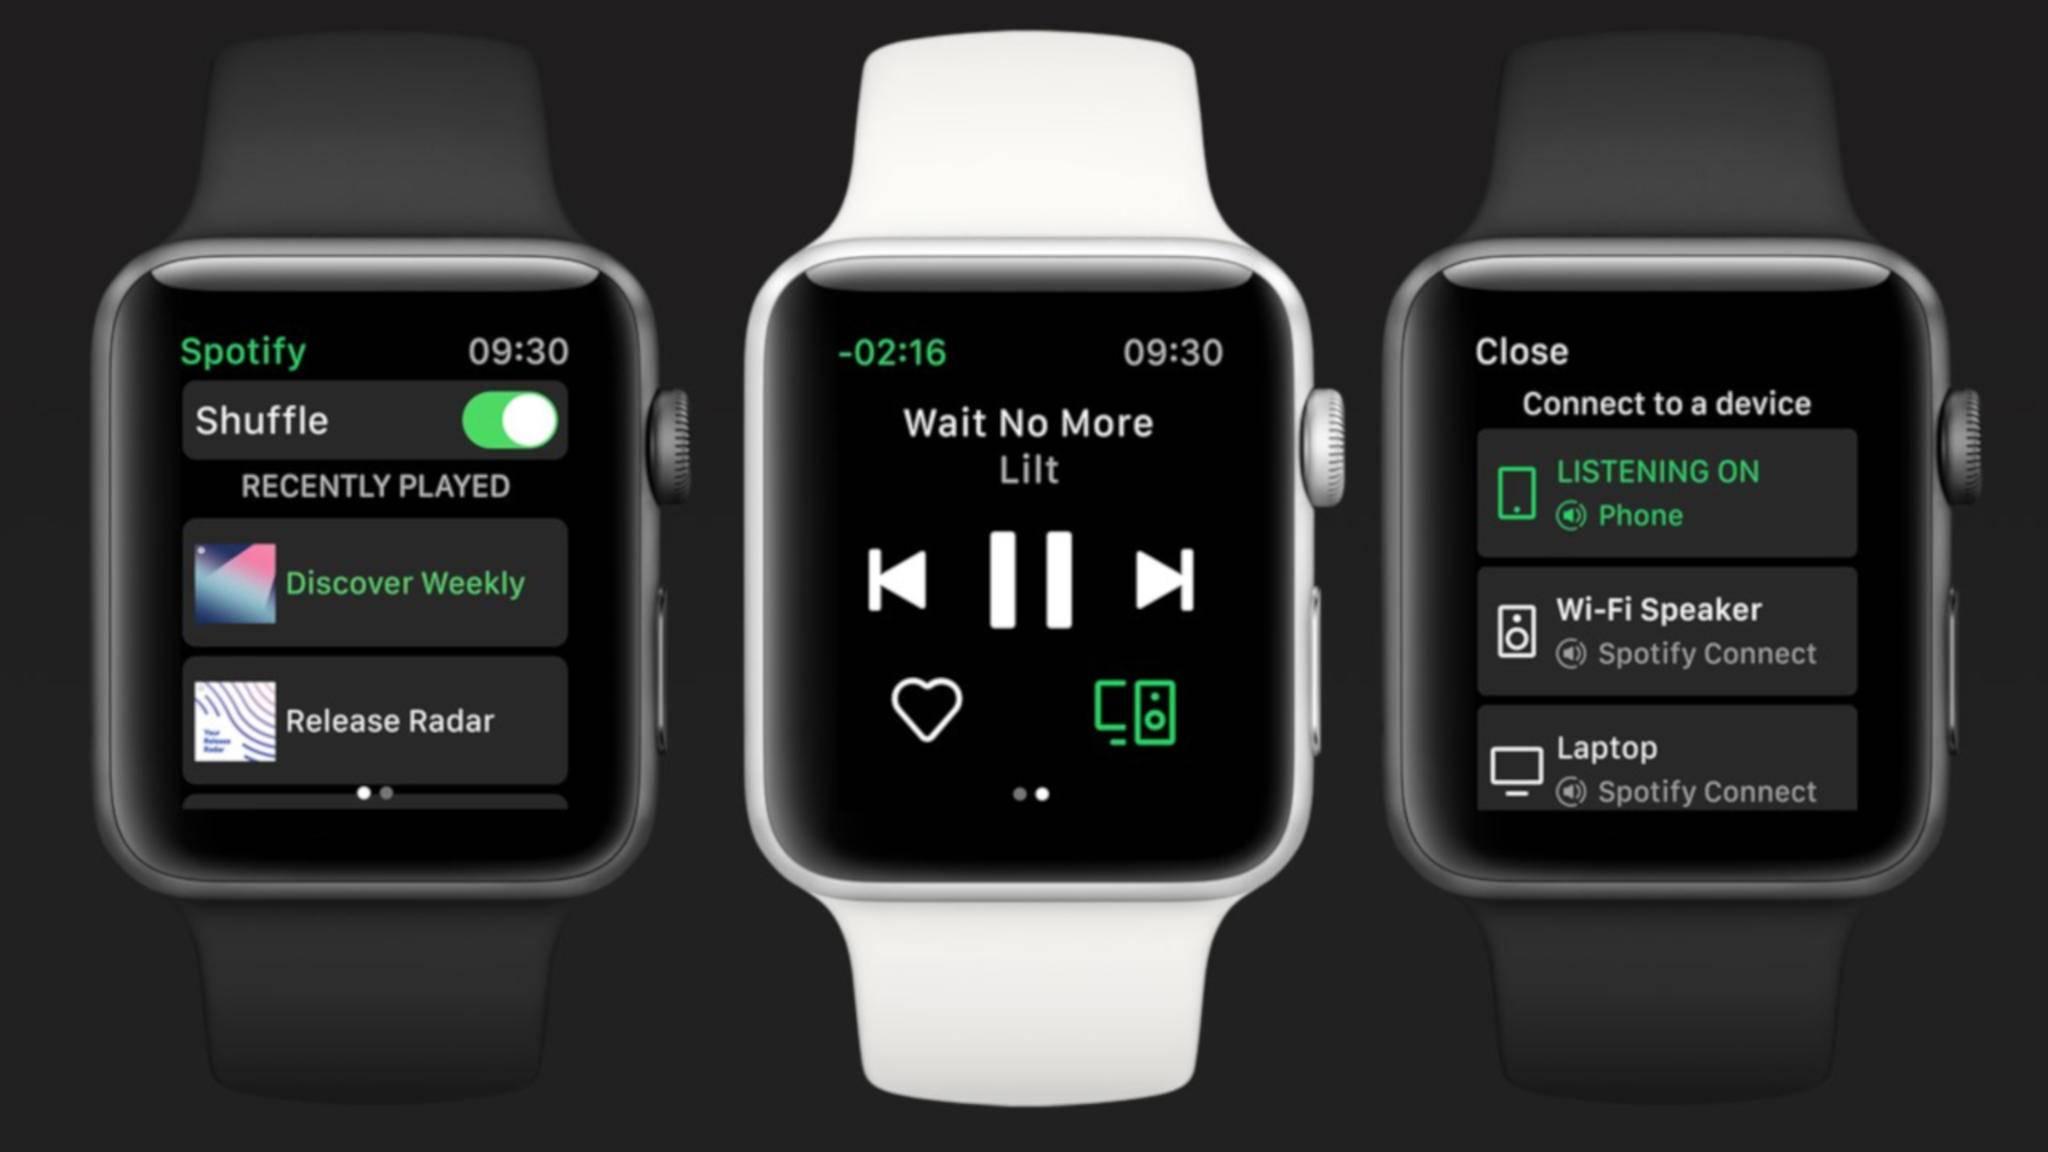 Spotify hat den Sprung auf die Apple Watch geschafft – leider aber bisher nur mit eingeschränkten Funktionen.